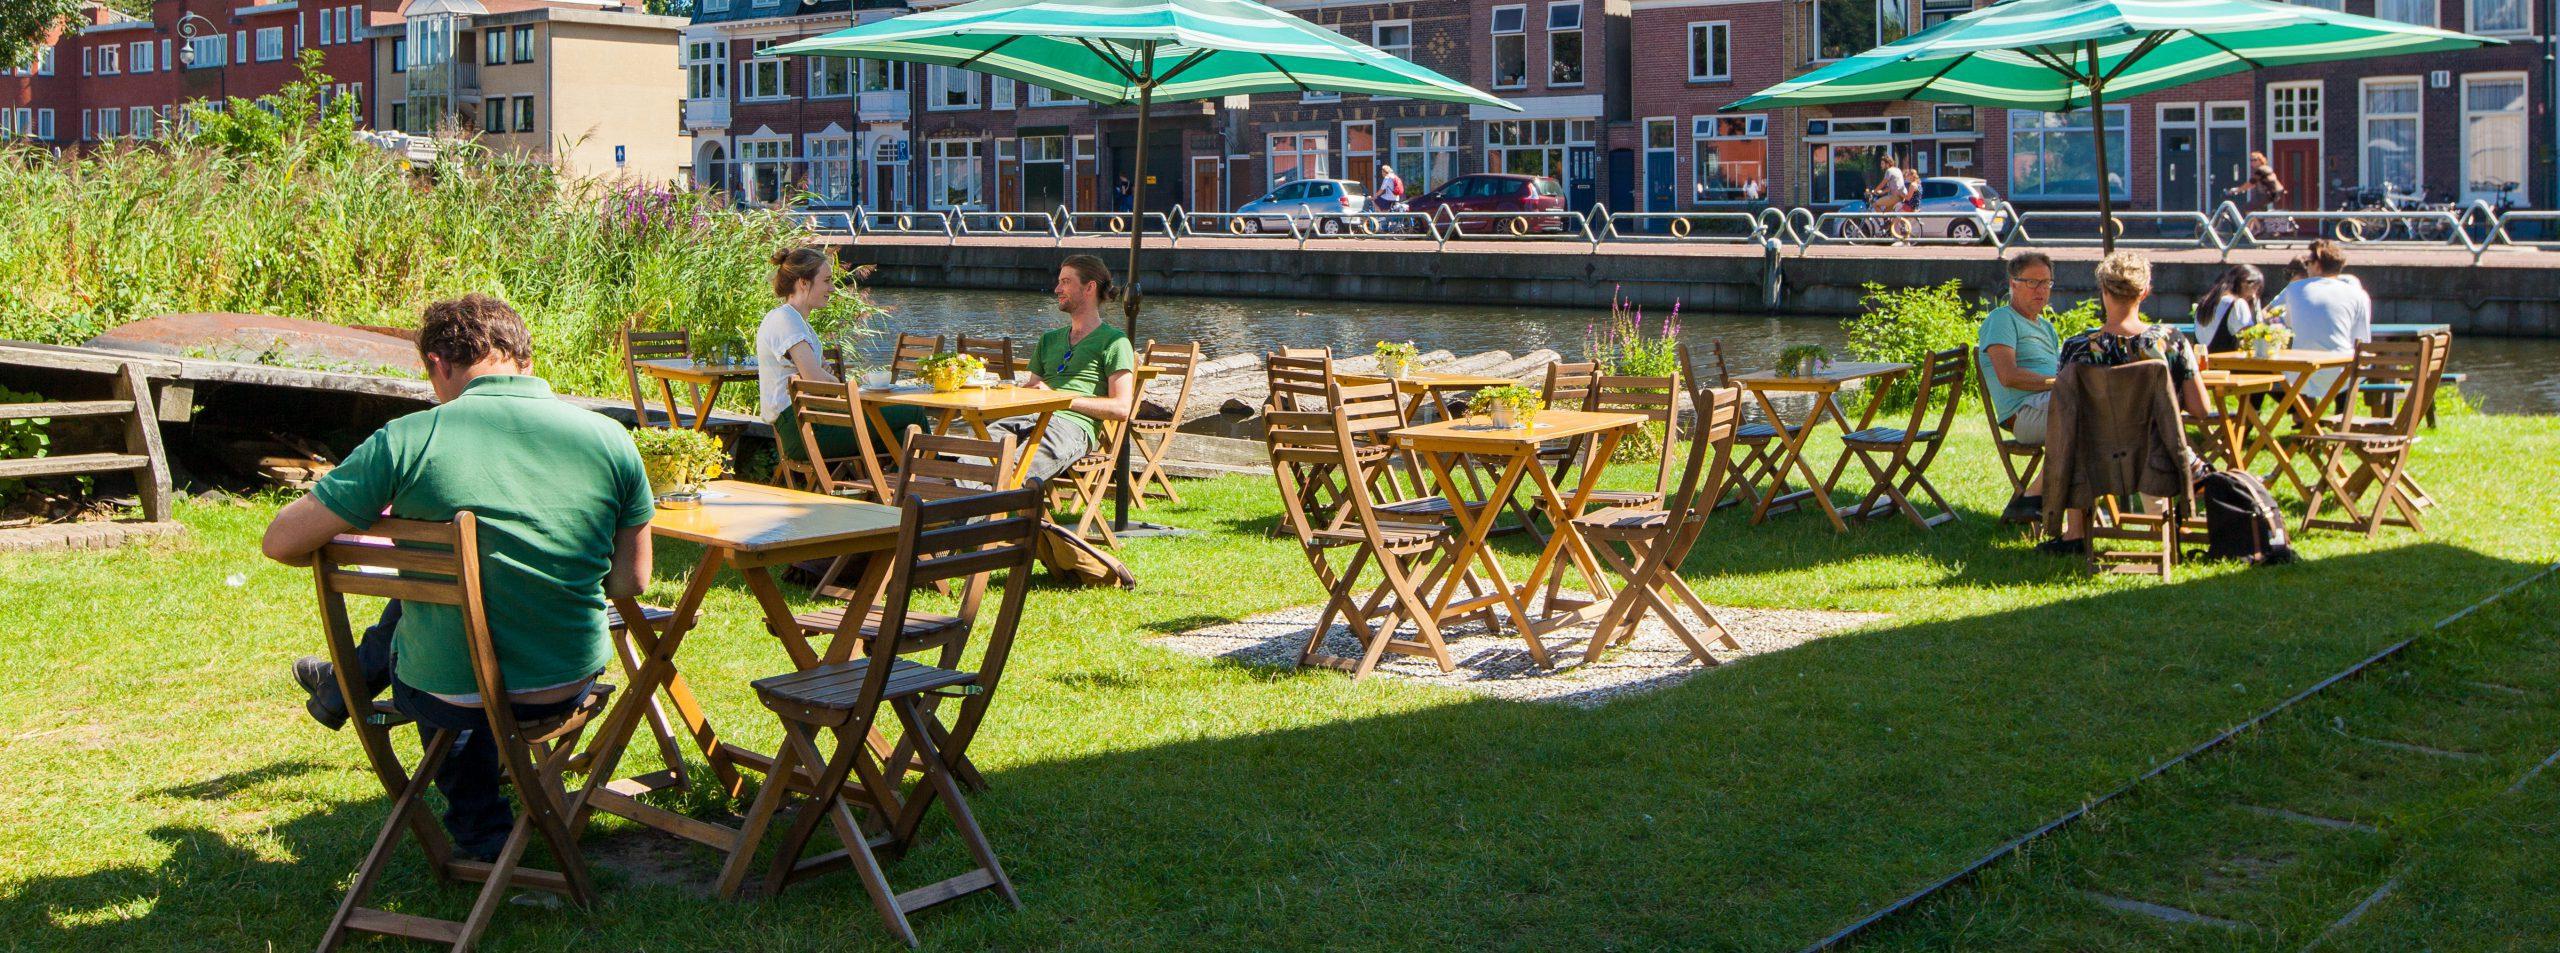 een terras op gras met een aantal tafeltjes waar mensen onder een parasol zitten in de zon. Op de achtergrond is water, huizen en verder op achtergrond is het stadskantoor van gemeente Utrecht te zien en nog twee bedrijfspanden.